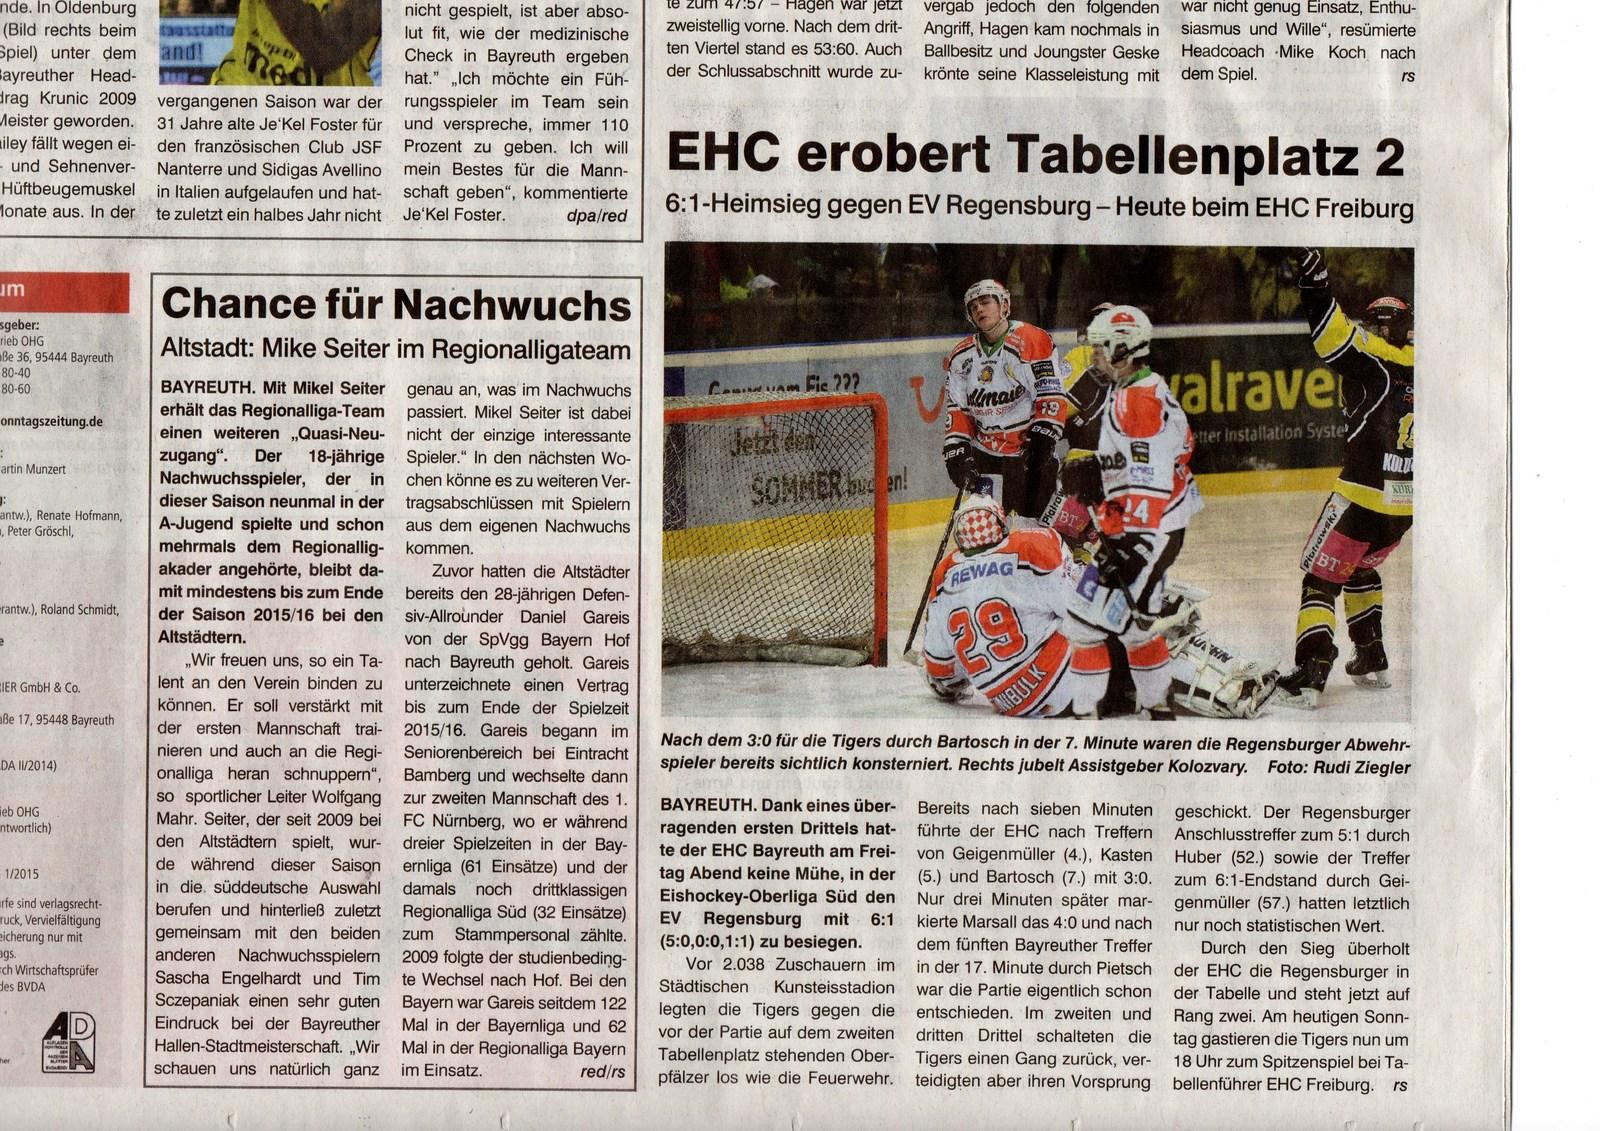 Bayreuther Sonntagszeitung 2015-01-18 [1600x1200]